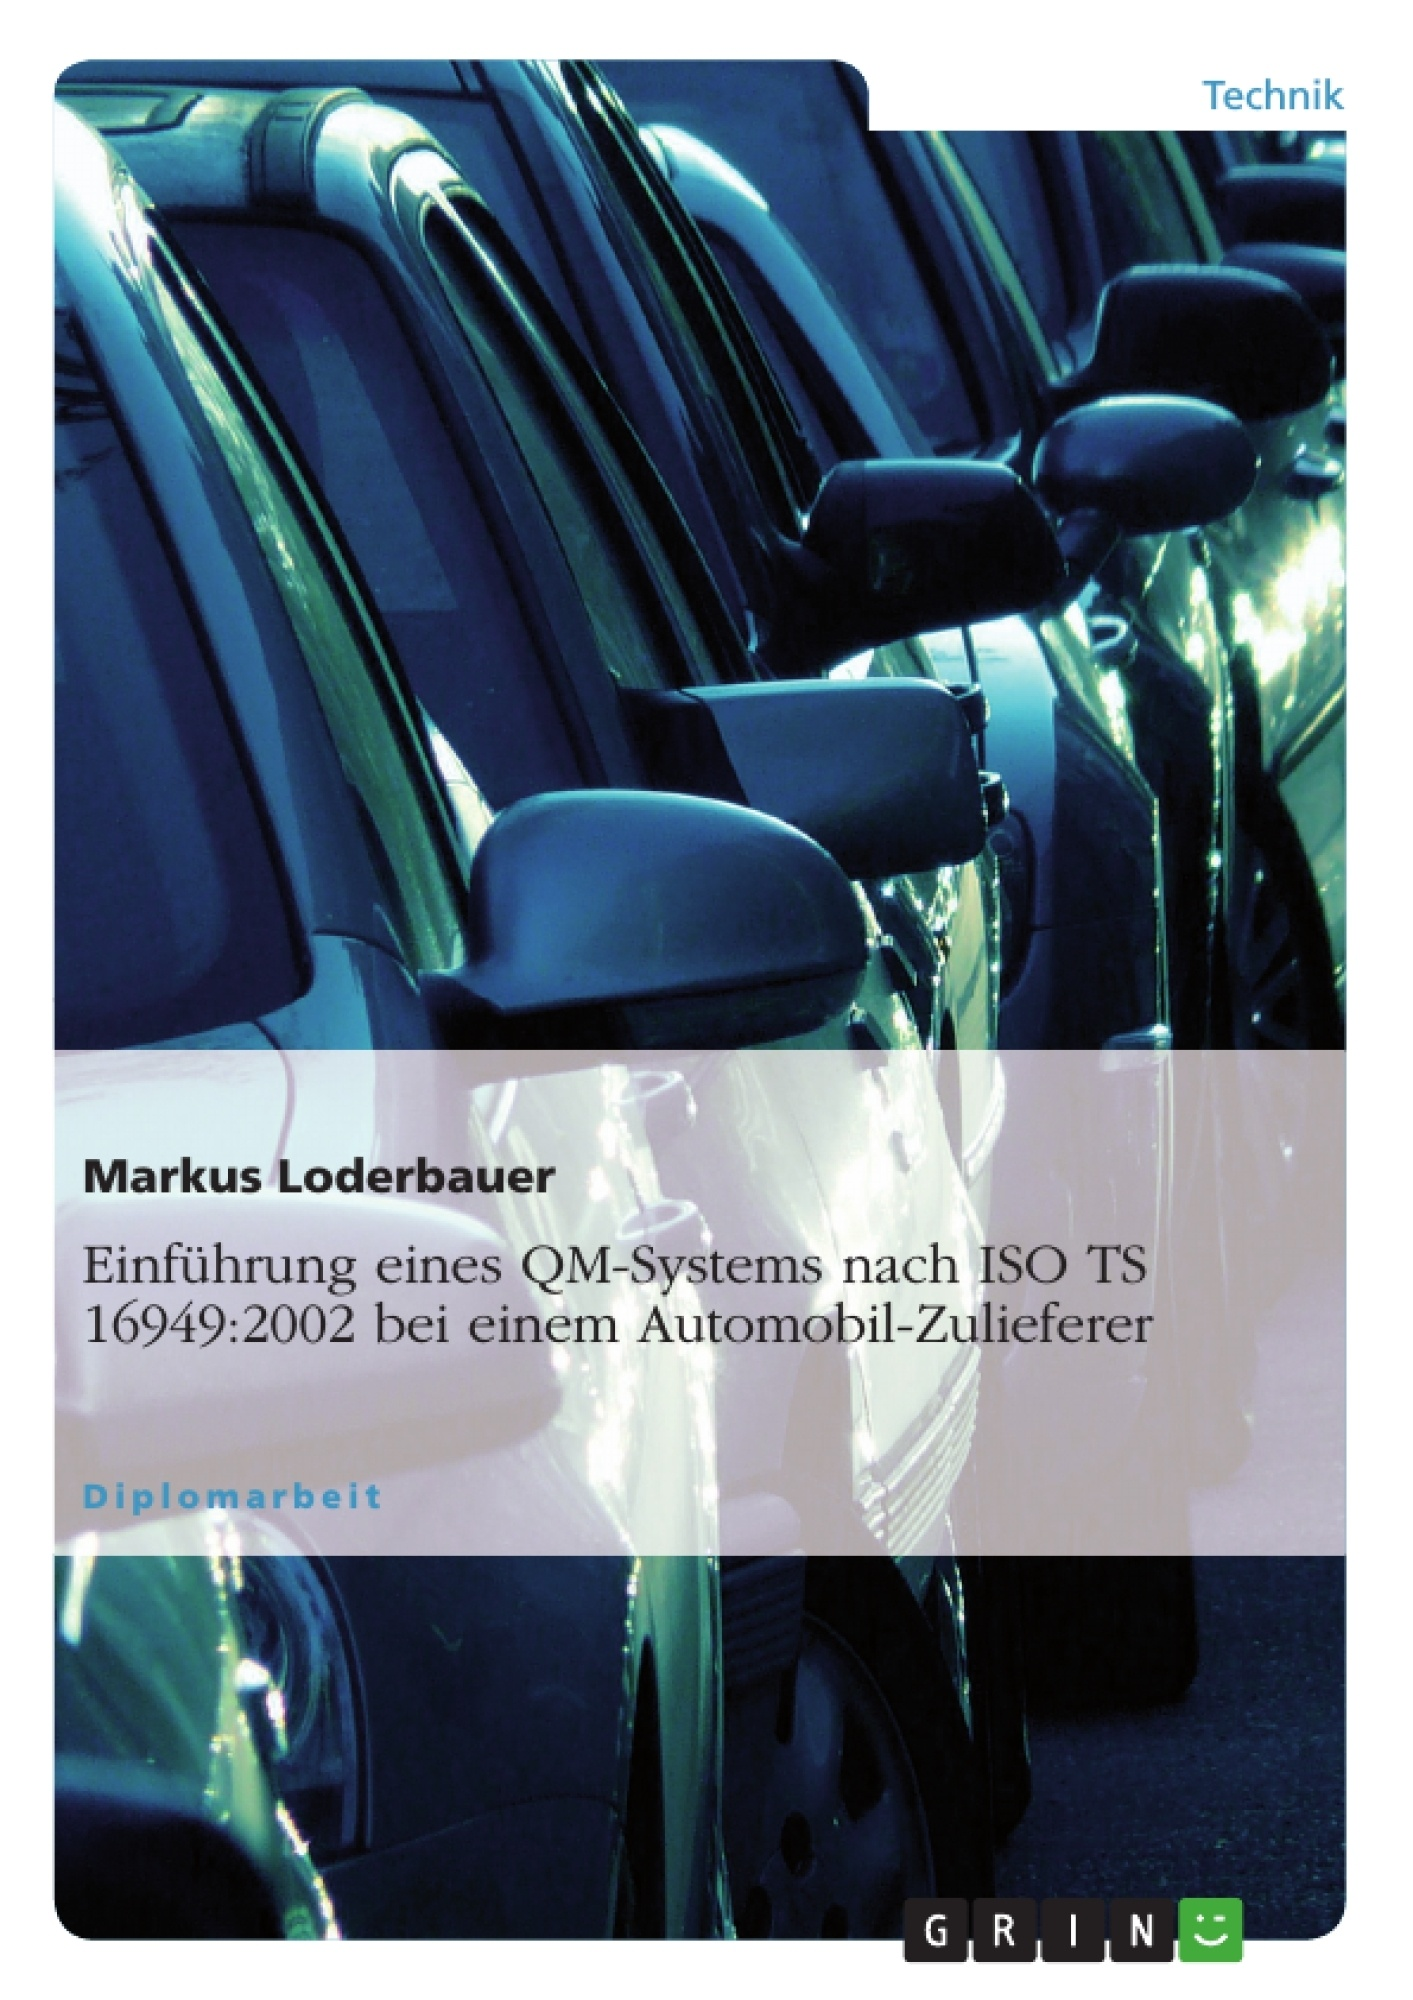 Titel: Einführung eines QM-Systems nach ISO TS 16949:2002 bei einem Automobil-Zulieferer